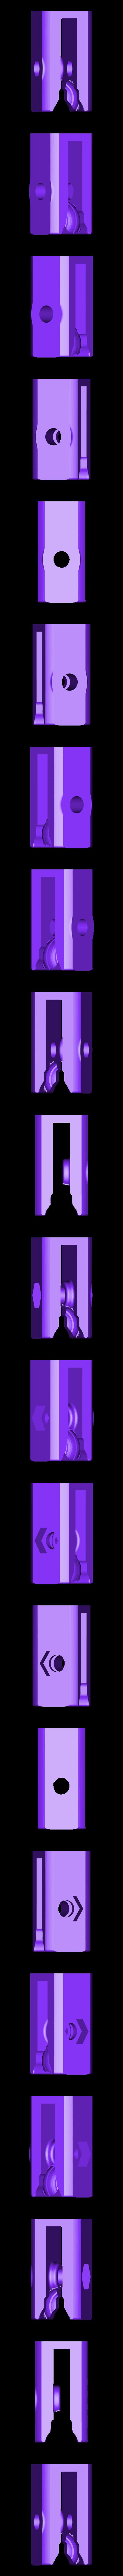 agarreBolaBv0.5.stl Télécharger fichier STL gratuit Harrope Cable Cam GoPro v1.0 • Design pour imprimante 3D, GuillermoMaroto